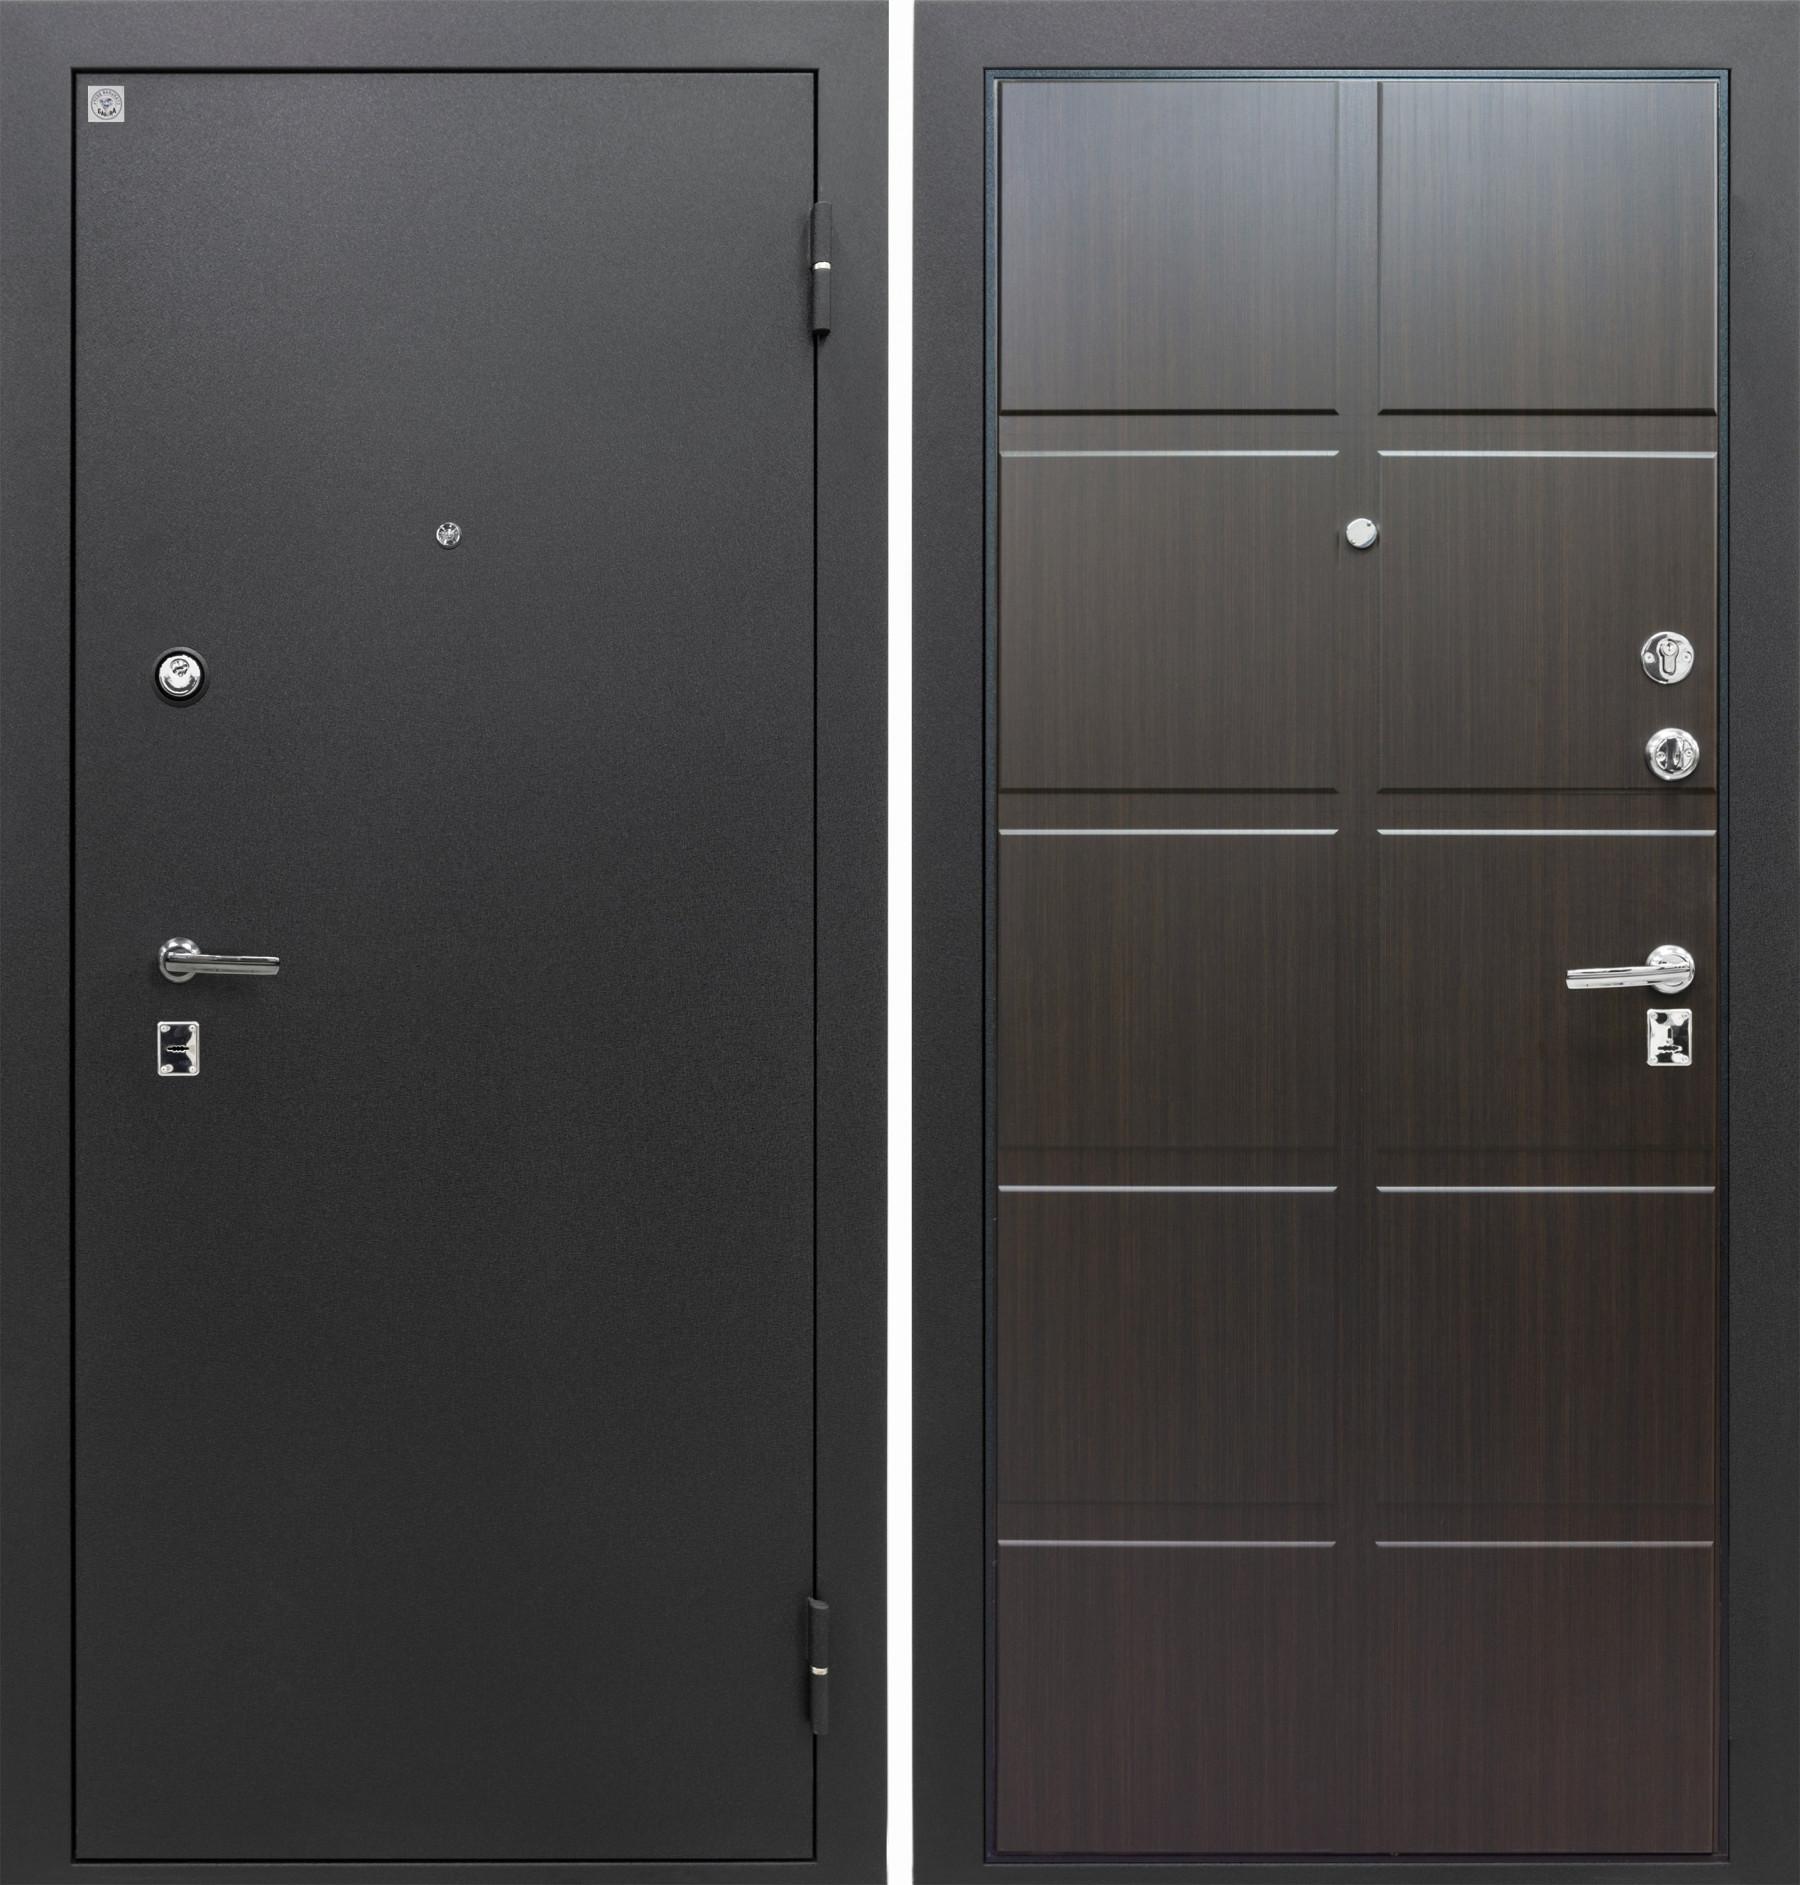 Входная дверь Алмаз 100 вид снаружи и внутри